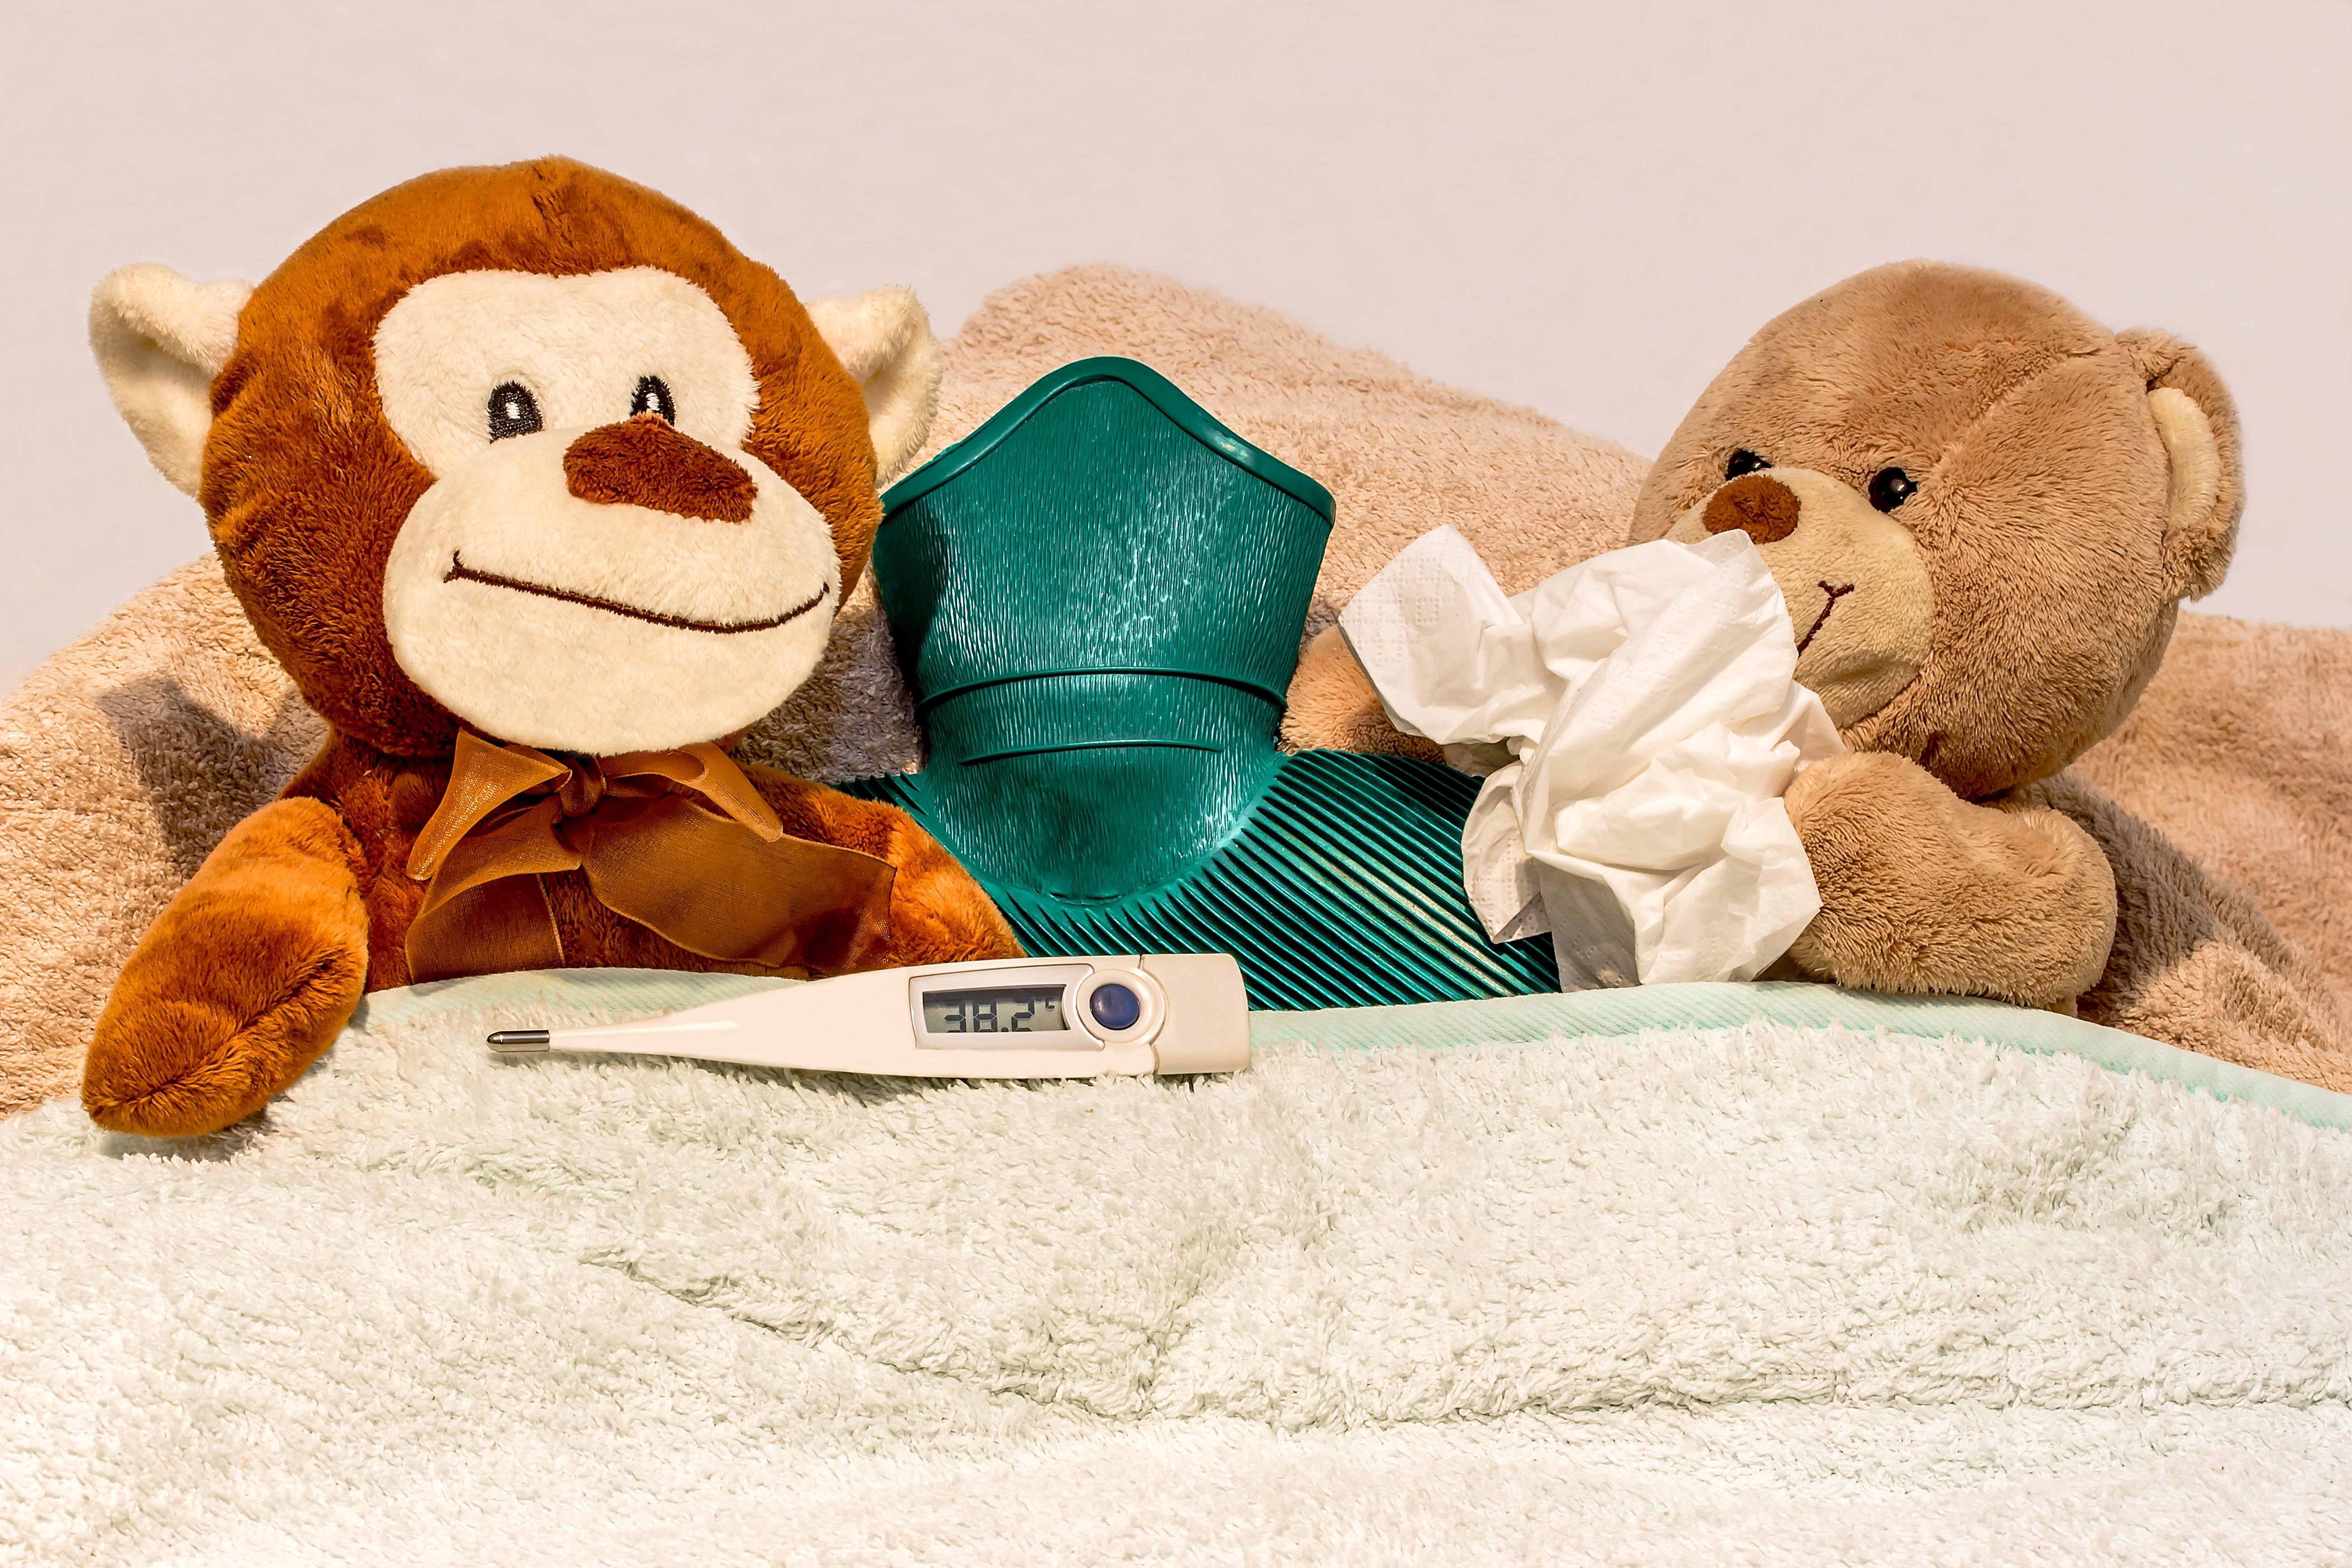 Gambar dingin beristirahat mainan beruang teddy tekstil gambar dingin beristirahat mainan beruang teddy tekstil selimut mewah diberkatilah anda mencium memulihkan boneka beruang saputangan altavistaventures Gallery